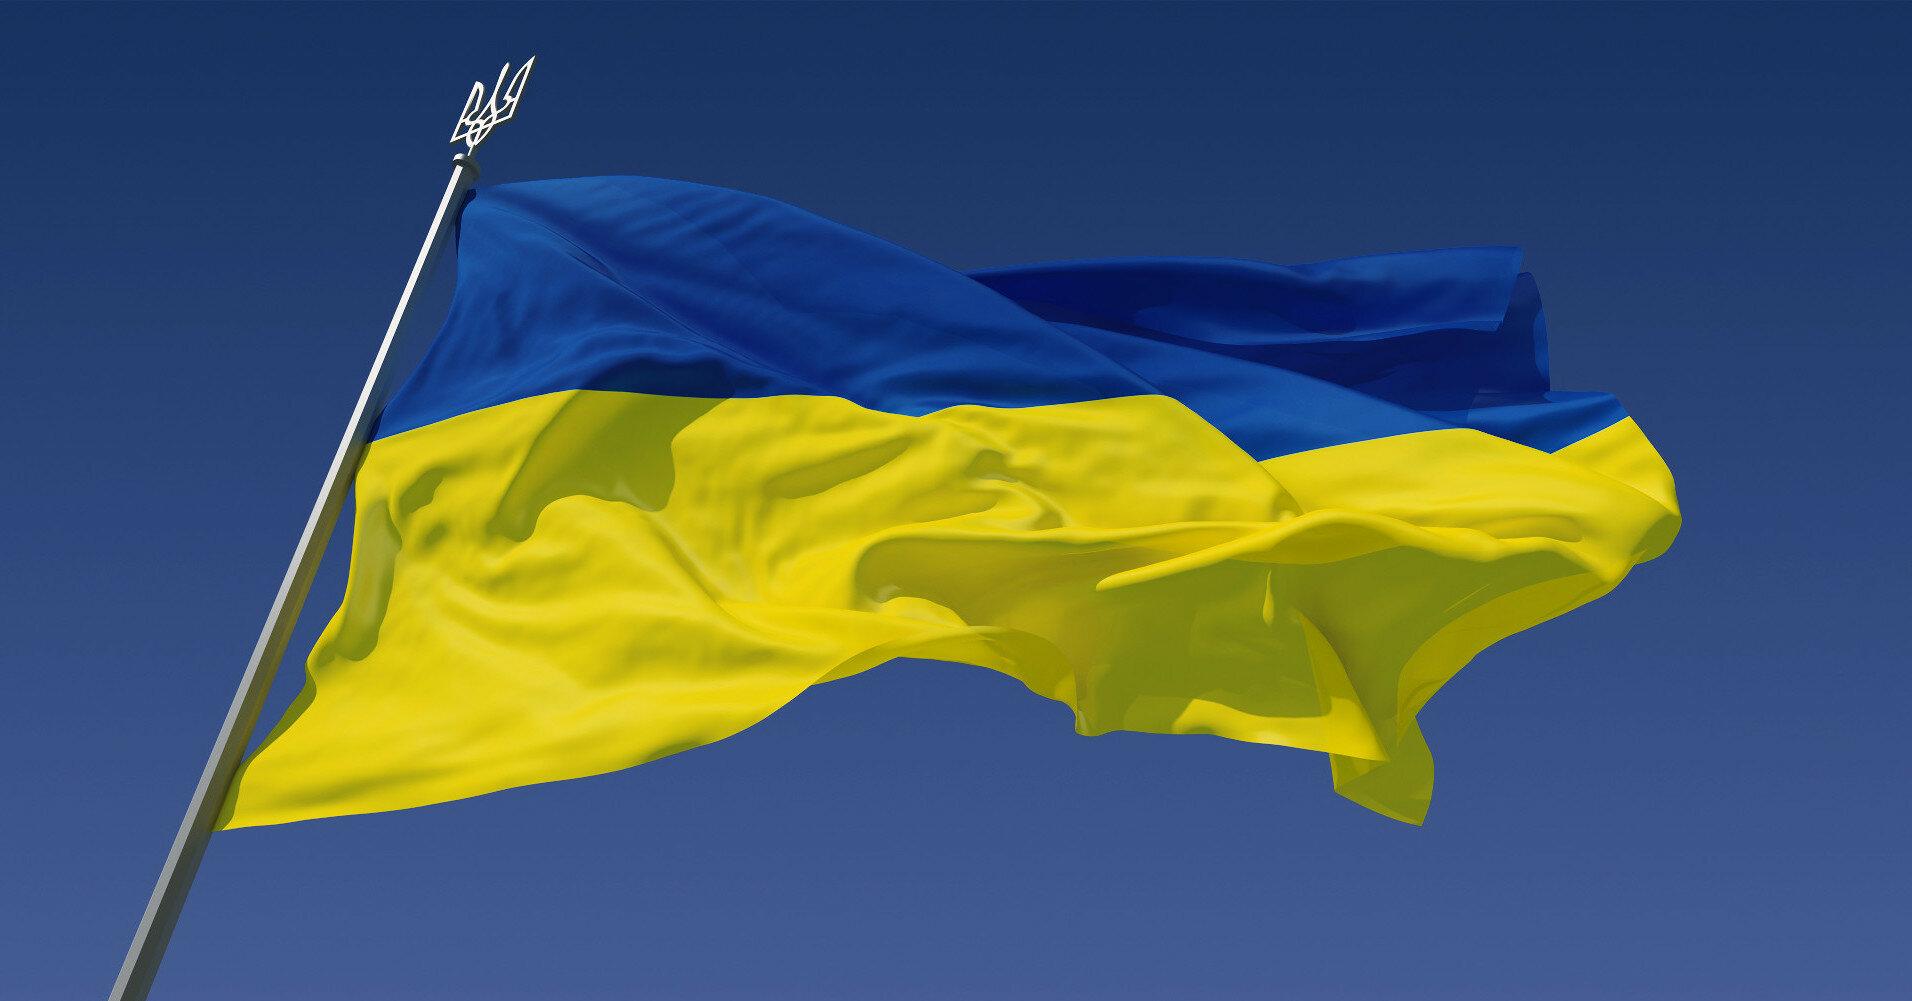 Украина вышла из космического соглашения в рамках СНГ